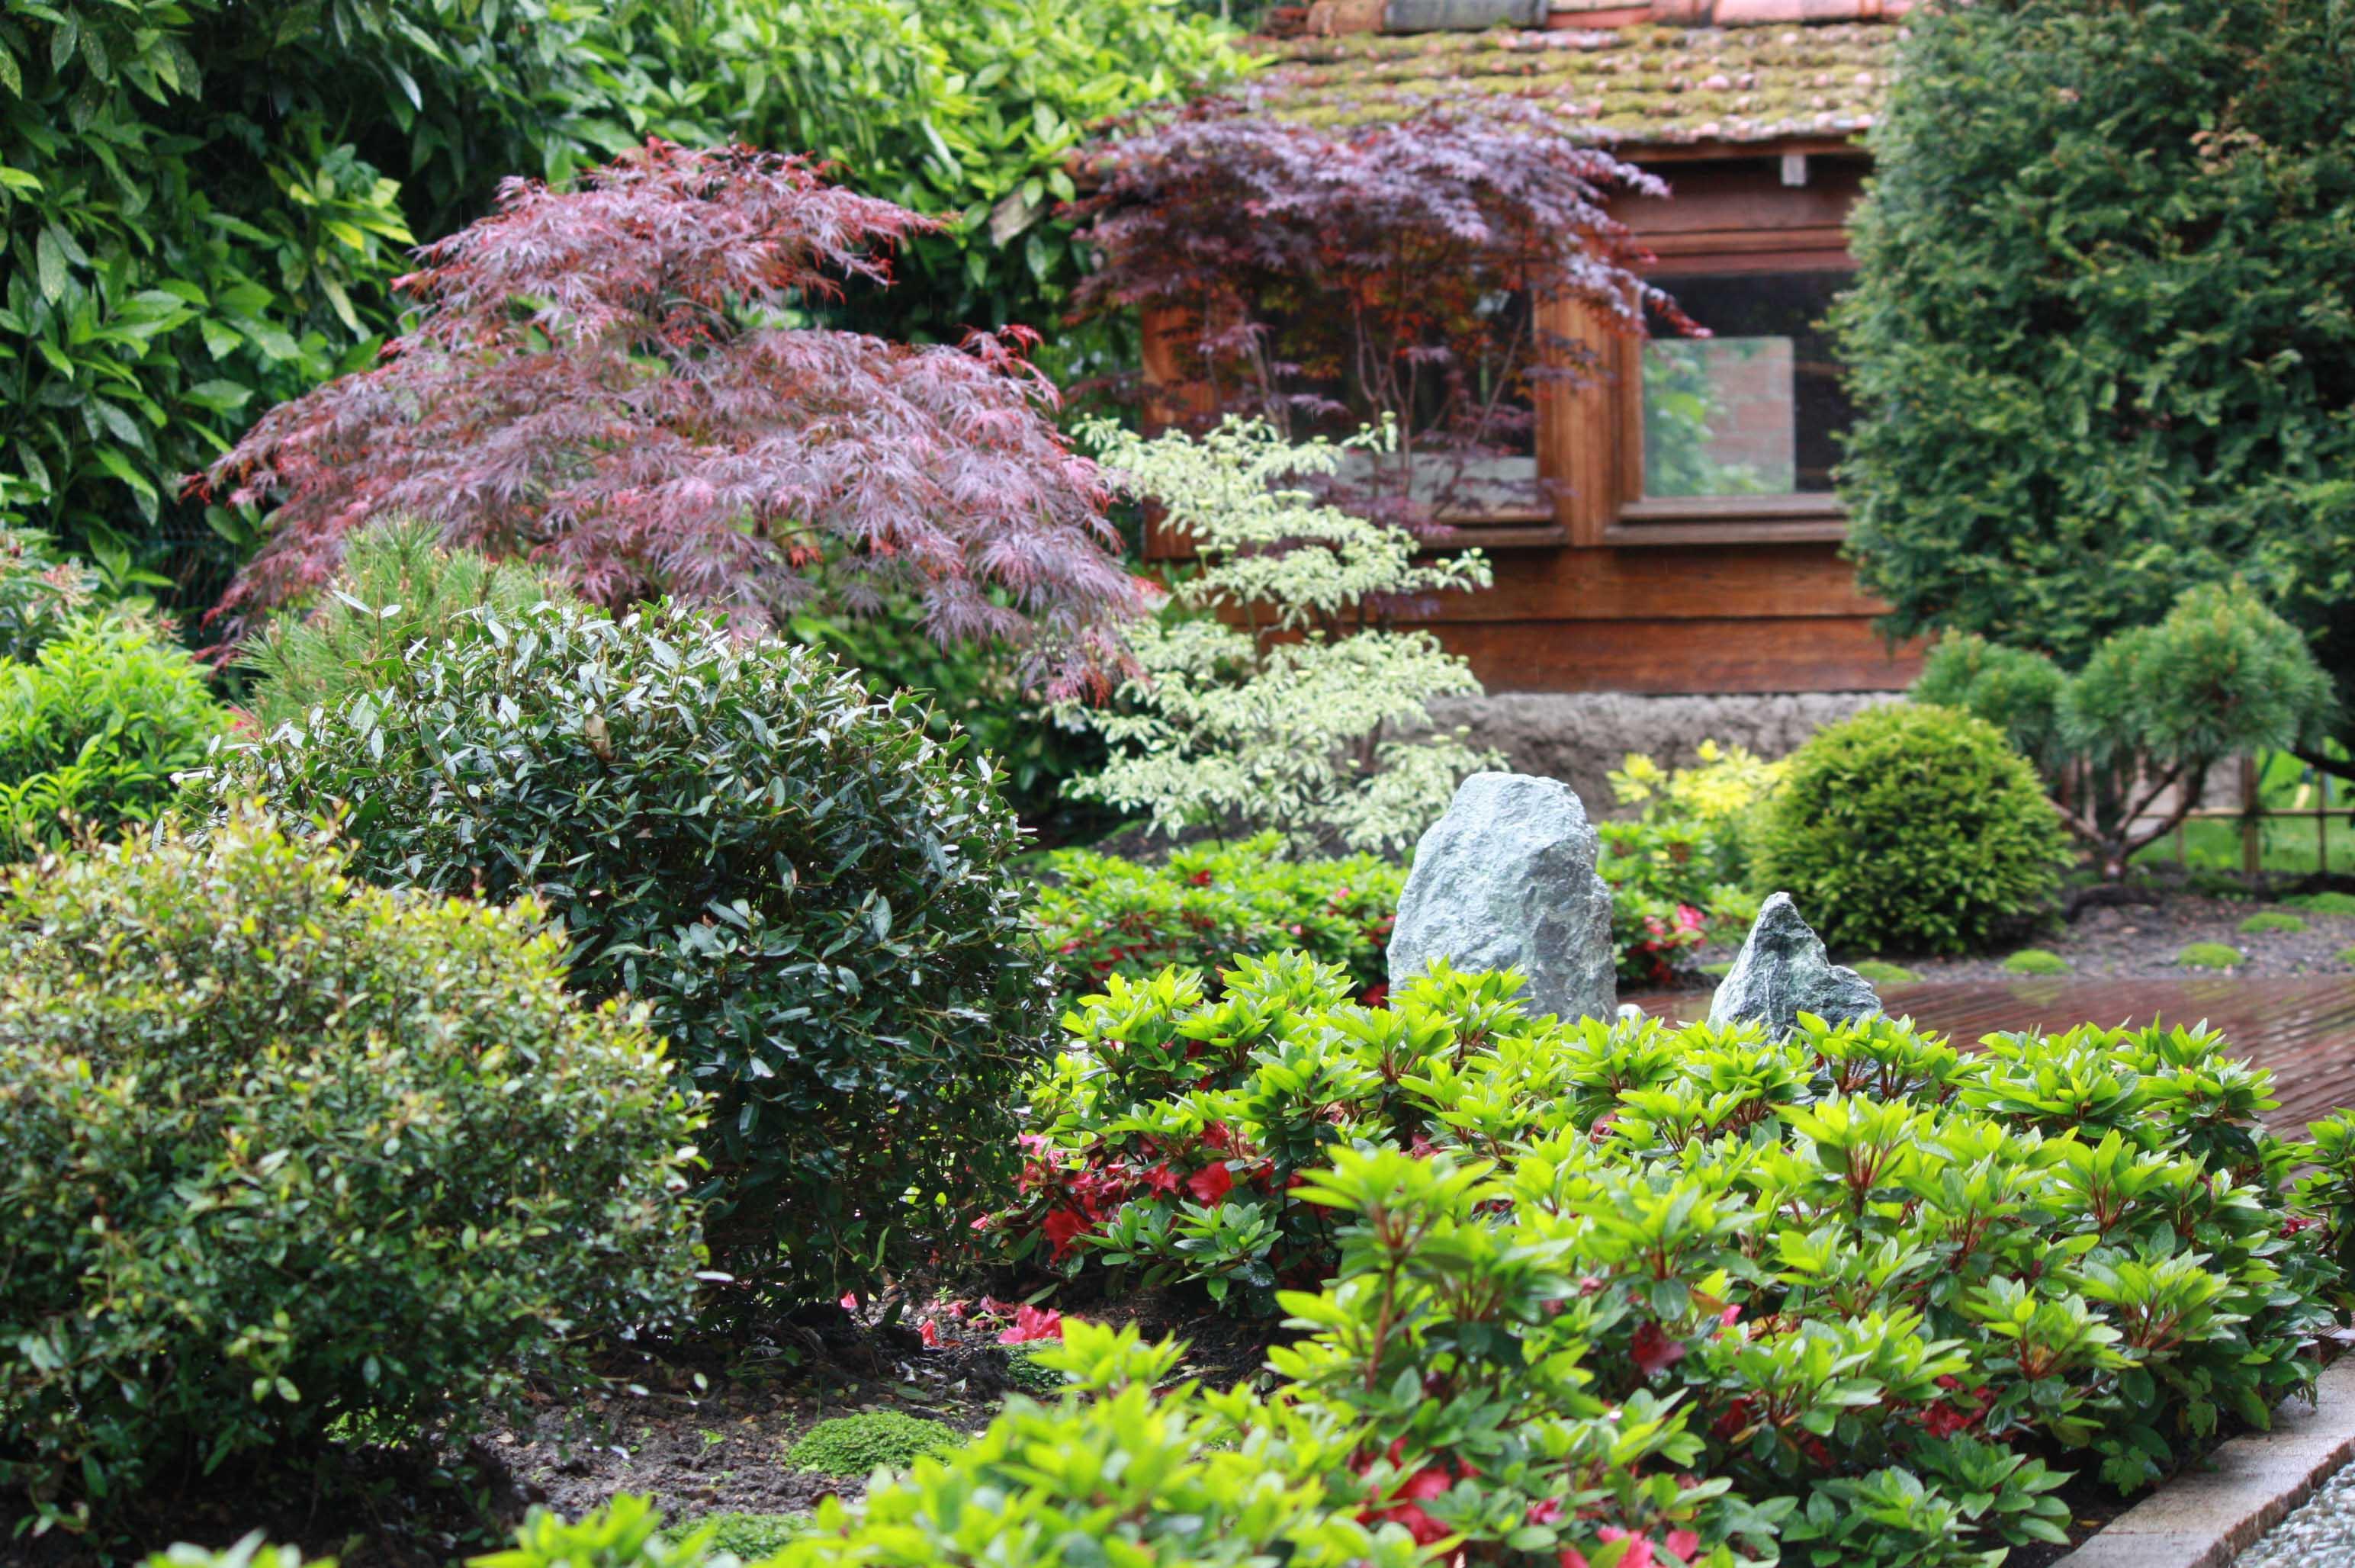 Jardin japonais rouge ambiance jardins du japon et d for Paysagiste jardin japonais